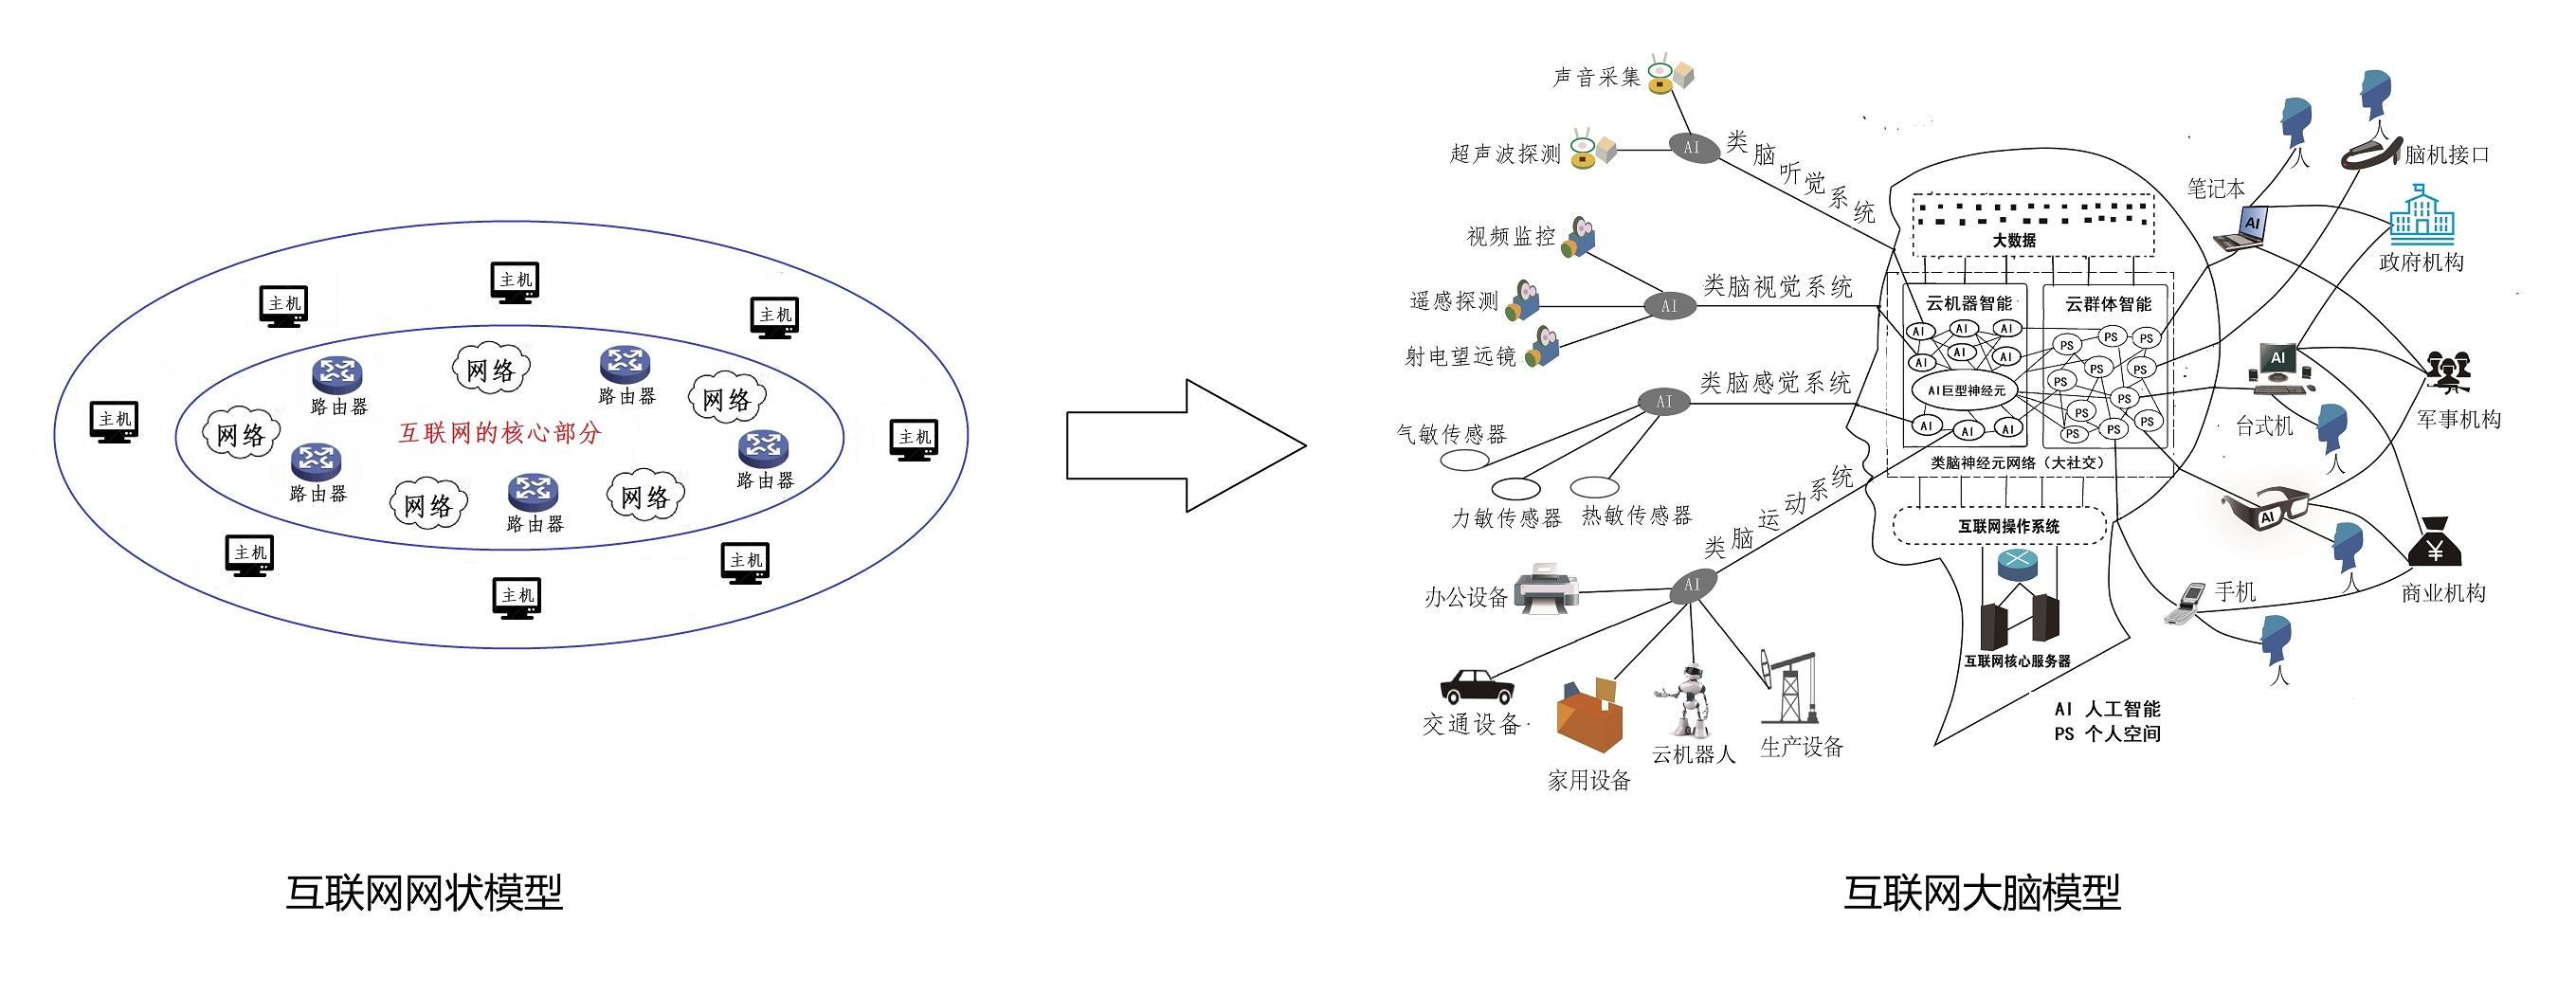 1.1 互联网从网状到类脑的发育图-small.jpg